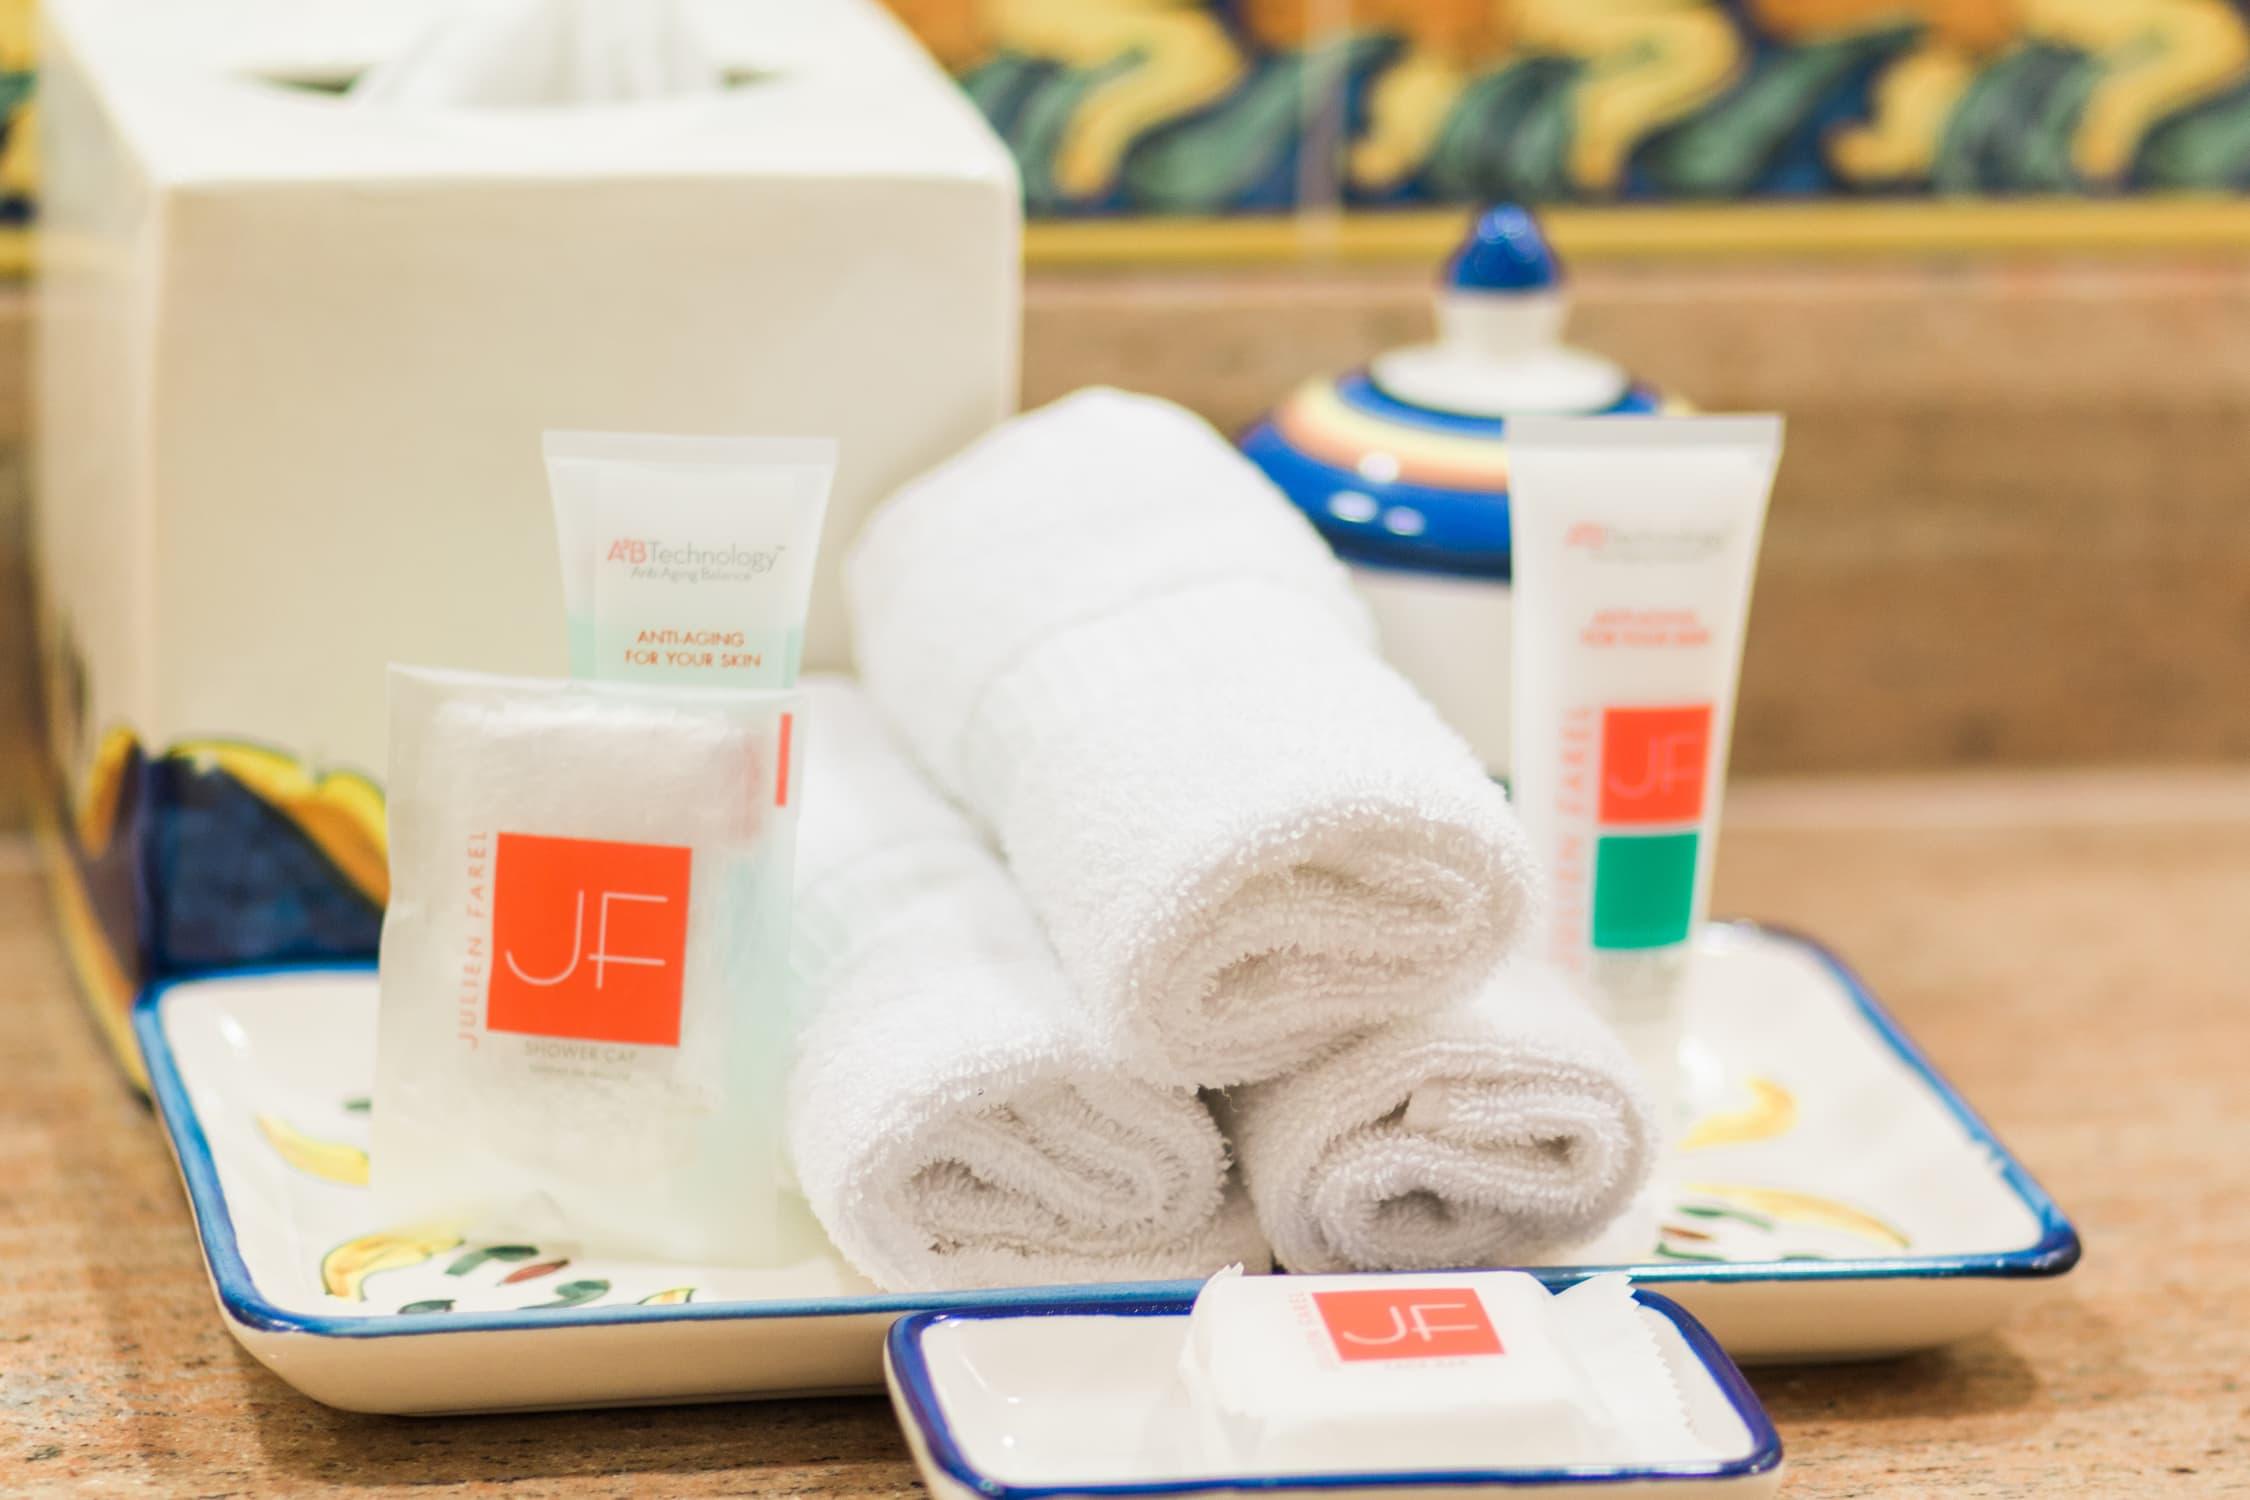 Beauty products Portofino Bay Hotel Universal Orlando vacation